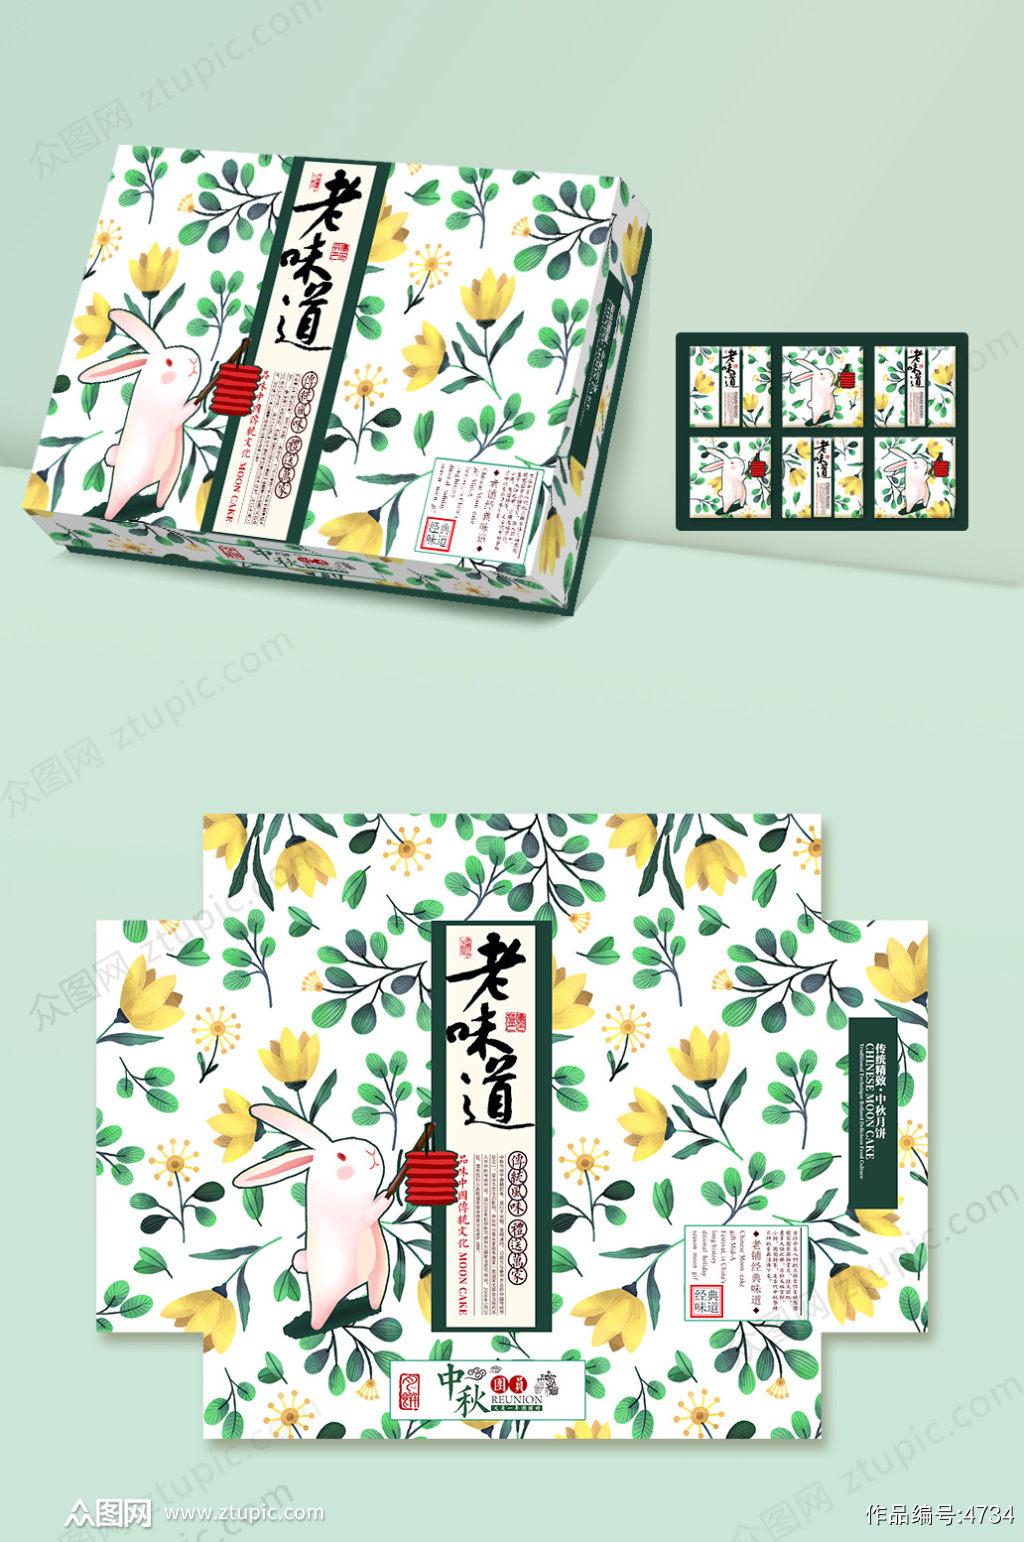 原创时尚手绘艺术包装盒设计中秋节 月饼盒设计素材